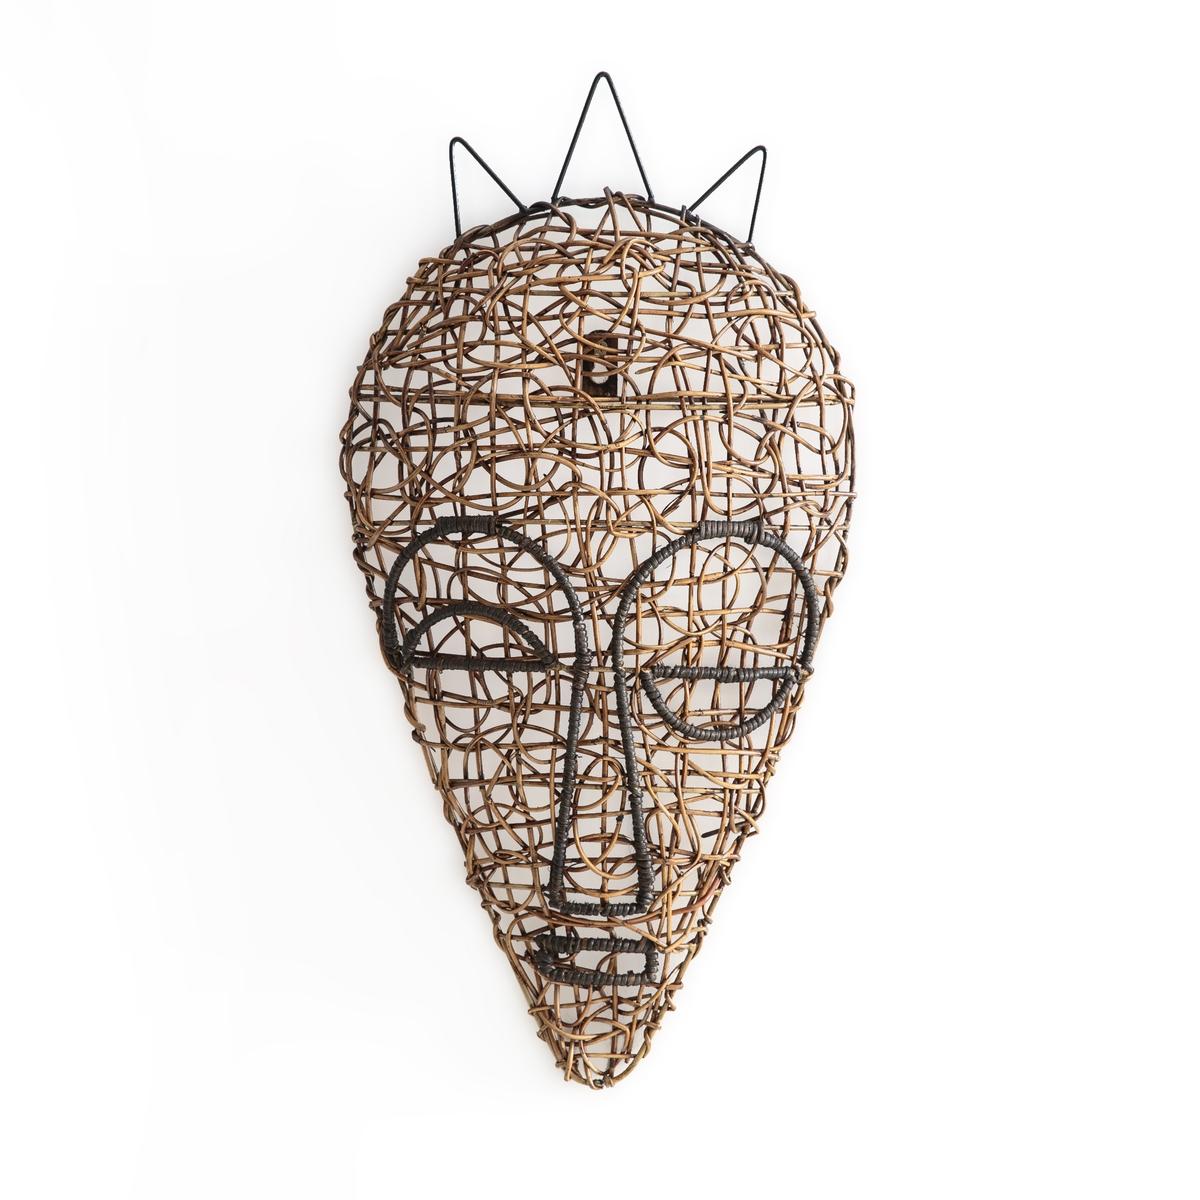 Маска африканская из плетеного ротанга, модель. 1, YanaelleМаска, модель 1, Yanaelle. Добавьте экзотическую нотку вашему декору благодаря африканской маске из плетеного ротанга на каркасе из металла. Можно сочетать с маской, модель 2, представленной на нашем сайте. Крепление к стене (винт и дюбель продаются отдельно). Размеры : Ш.29 x В.60 x Г.8 см.<br><br>Цвет: каштановый